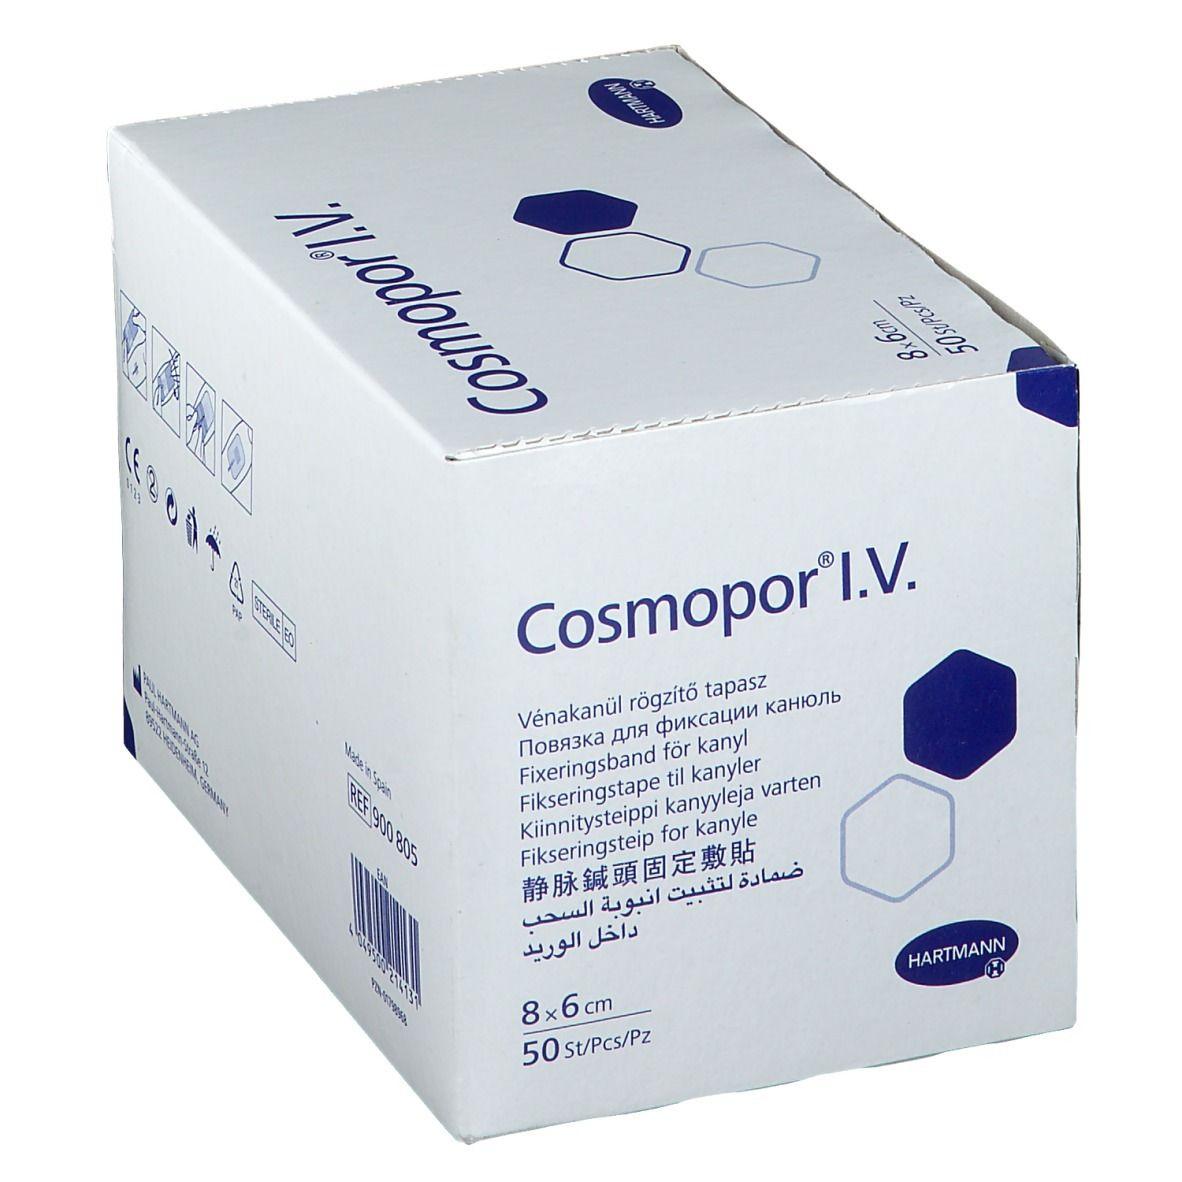 Cosmopor® I.V. 8 x 6 cm